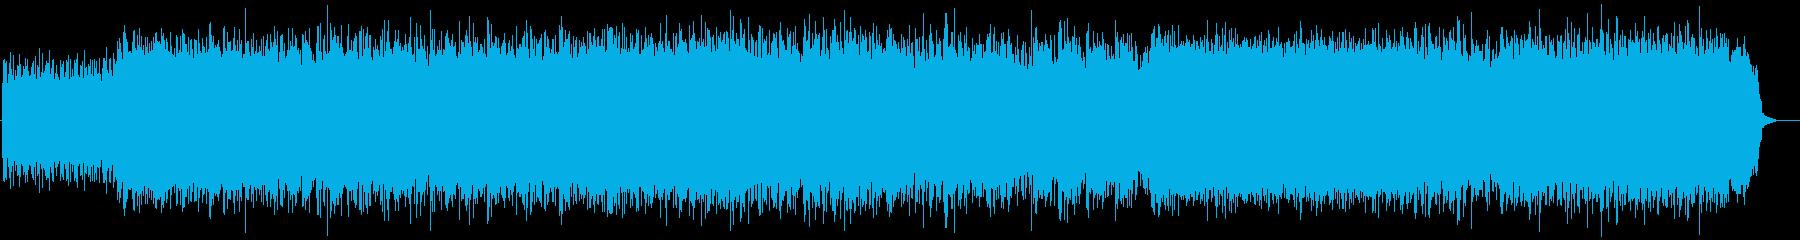 シューゲイザー轟音ギター洋楽 マイブラの再生済みの波形